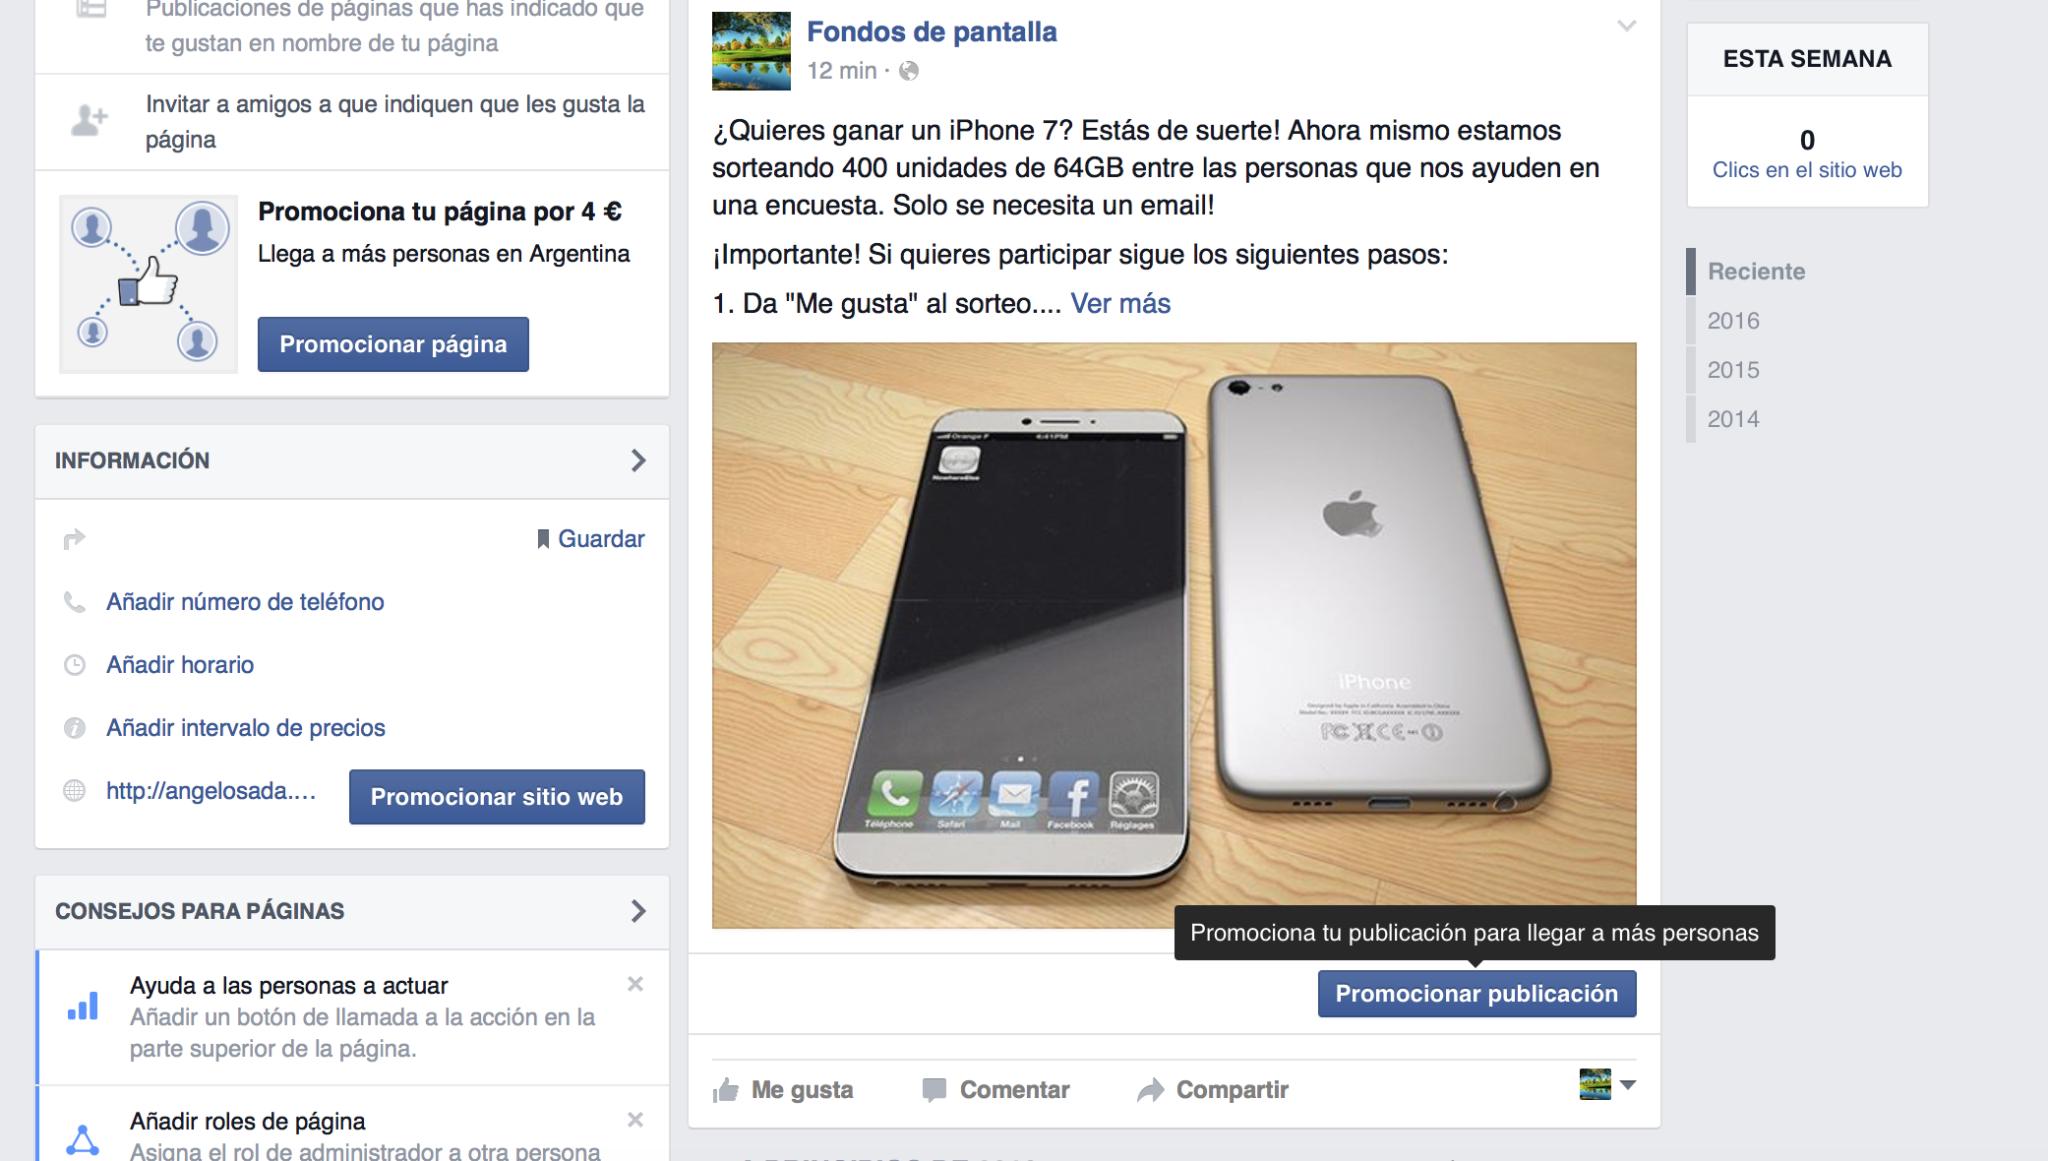 promocionar campaña facebook ads